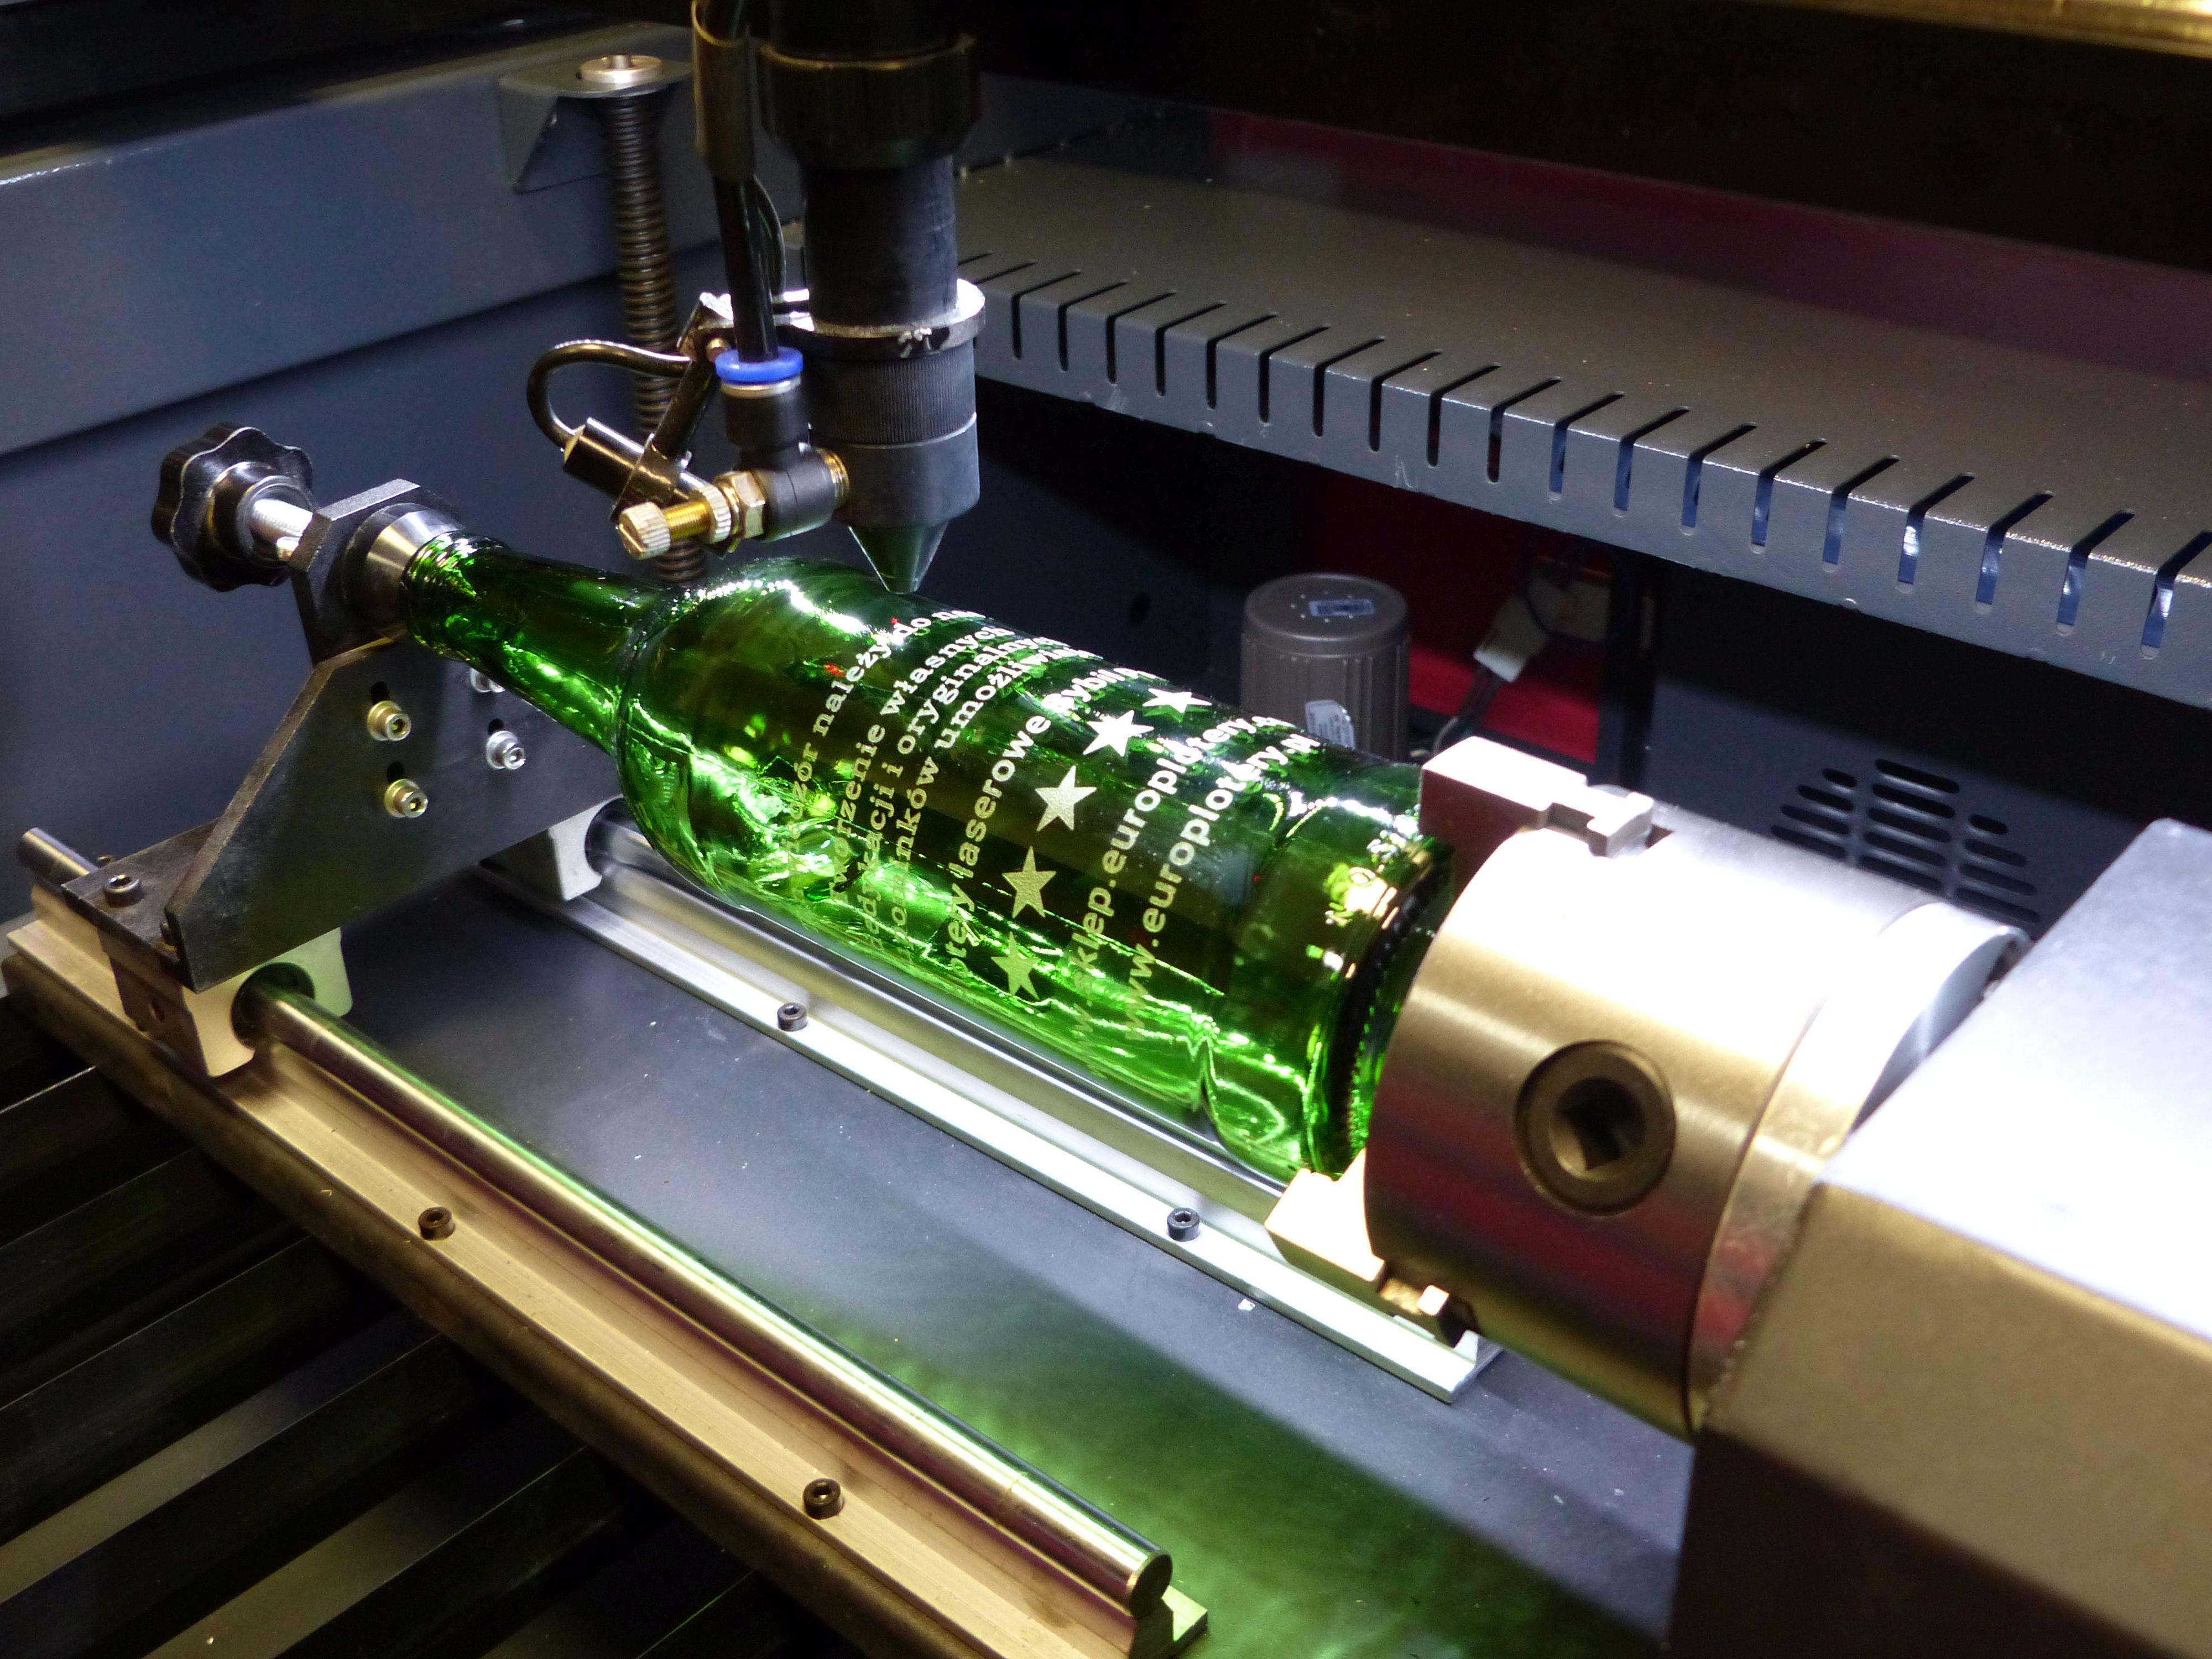 Dodatkowe Laser do pieczątek grawerka do wycinania papieru GPX - Plotery KU78